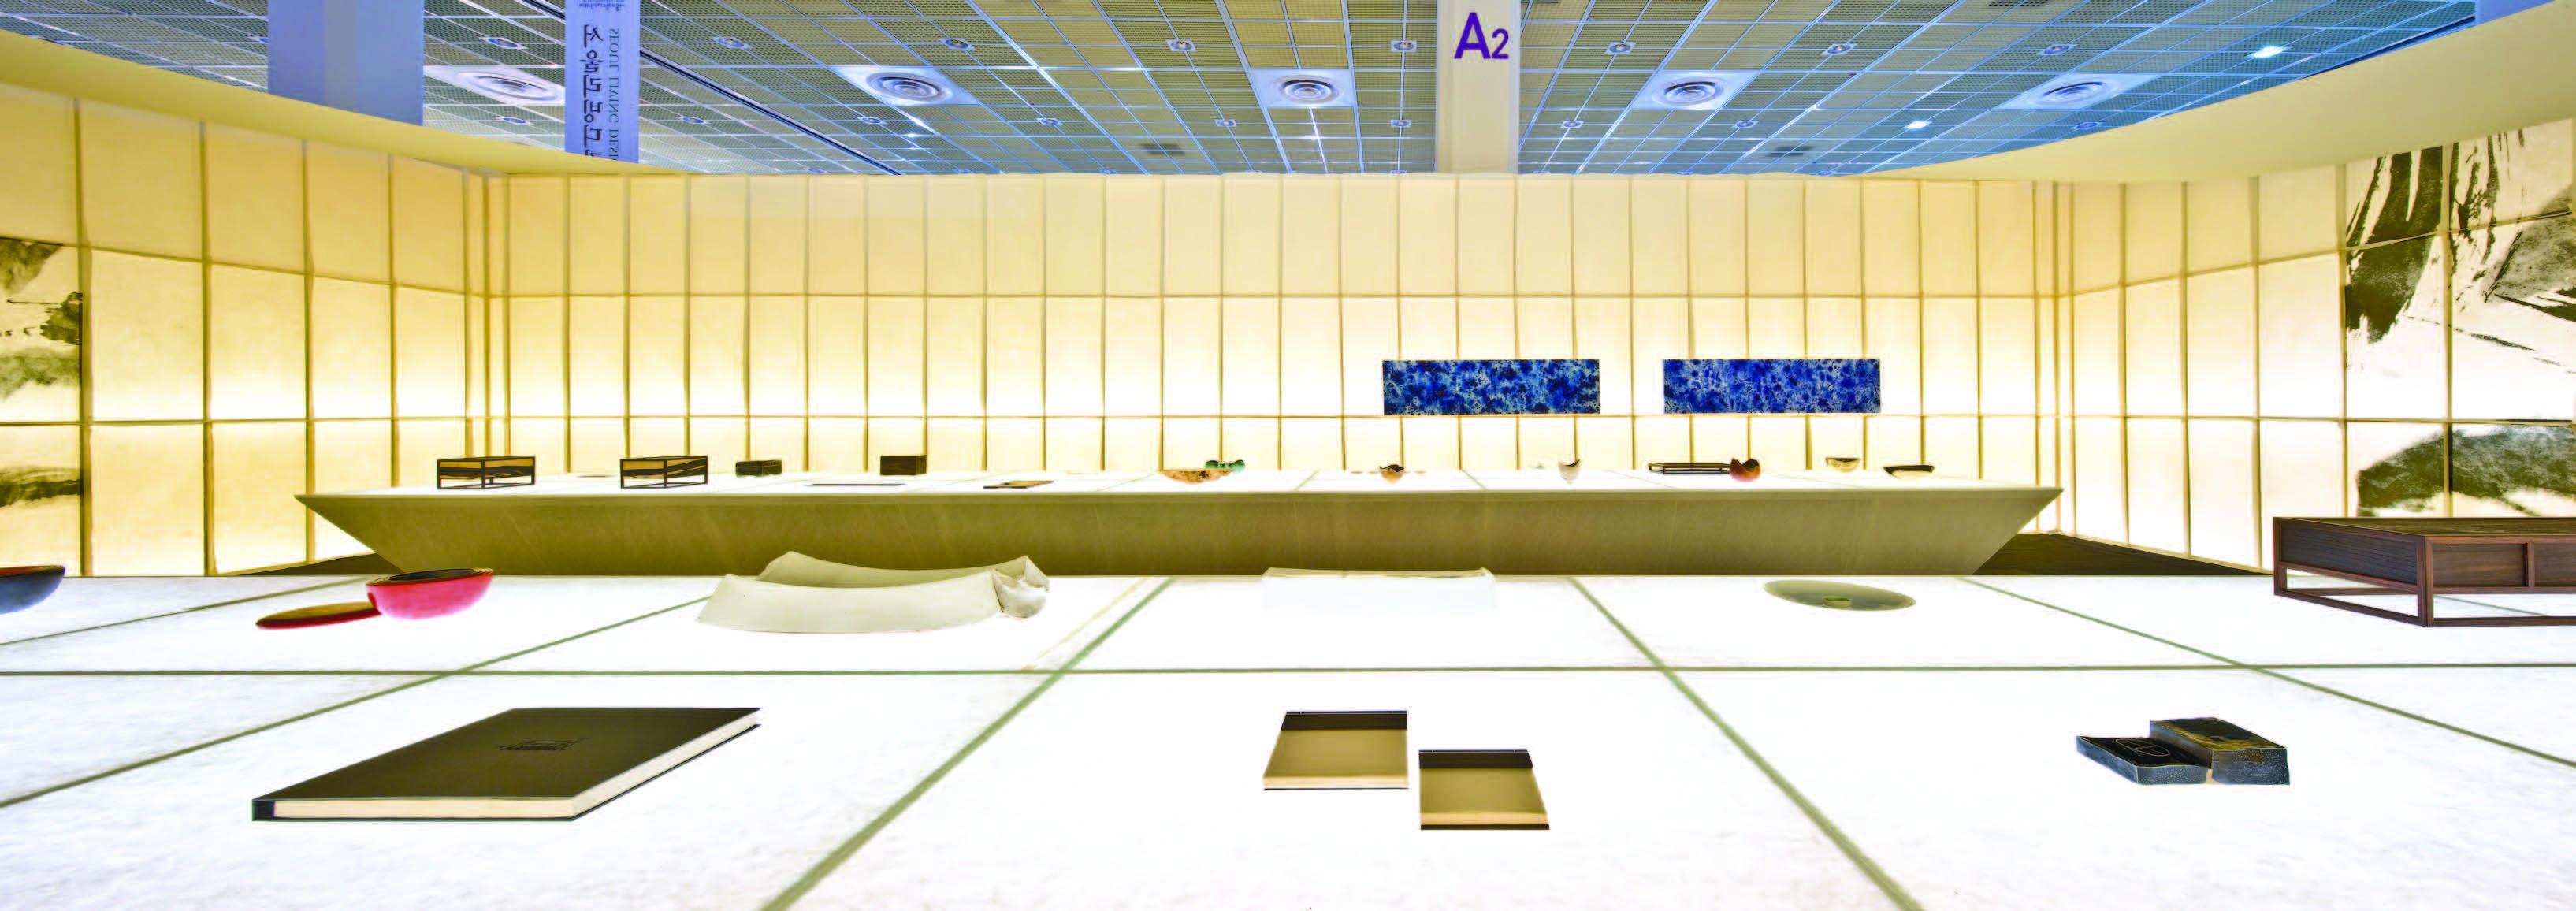 26-BaekseonDesignPavilion.jpg